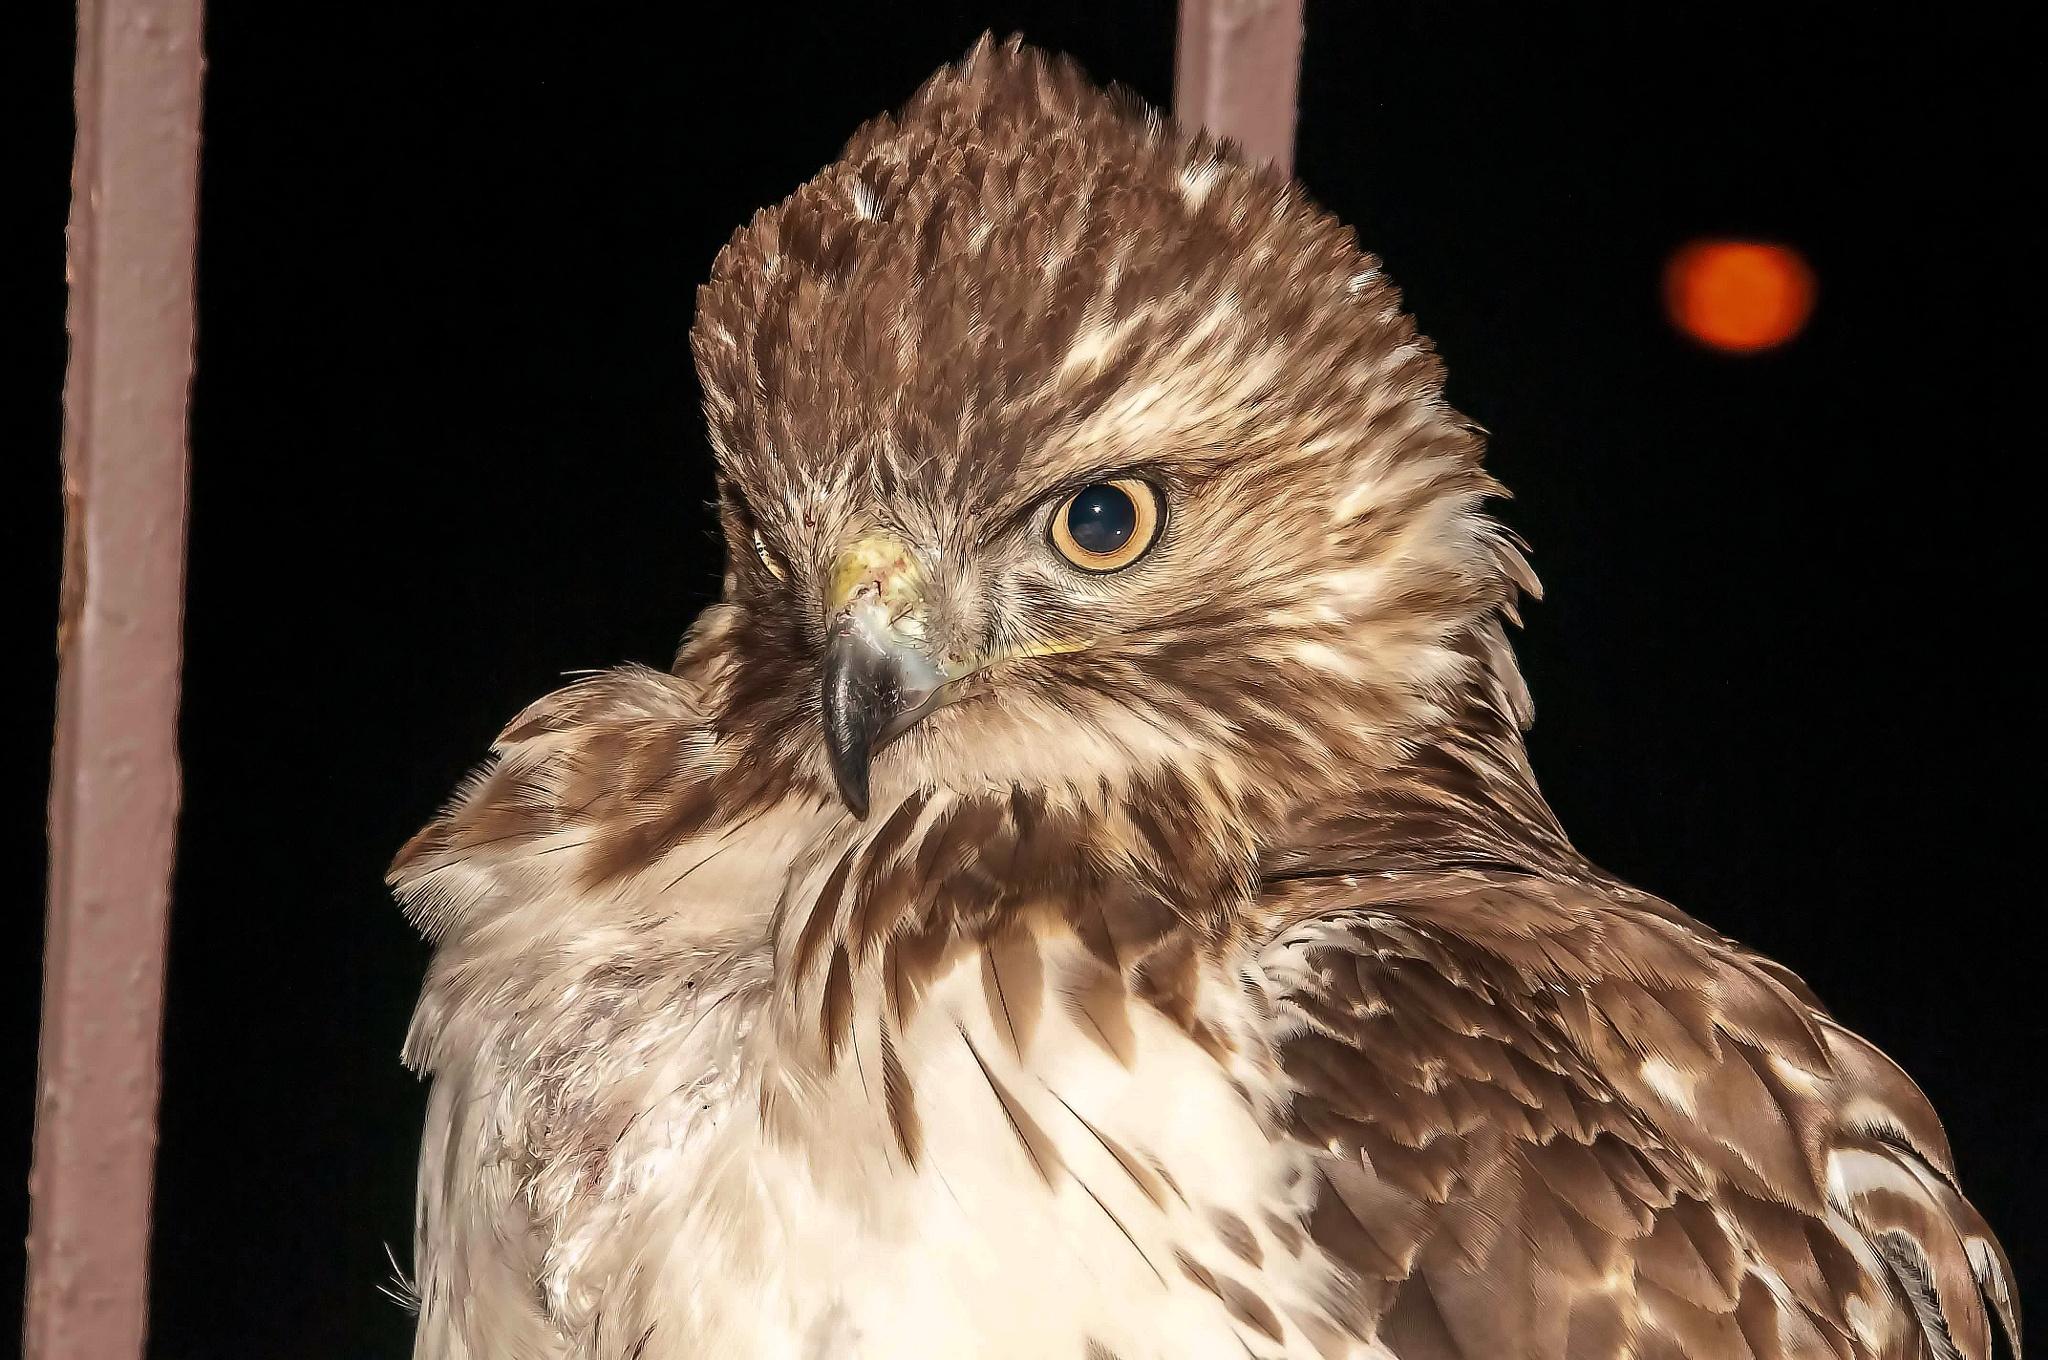 NYC Hawk on my Fire Escape by steven.malecki.52